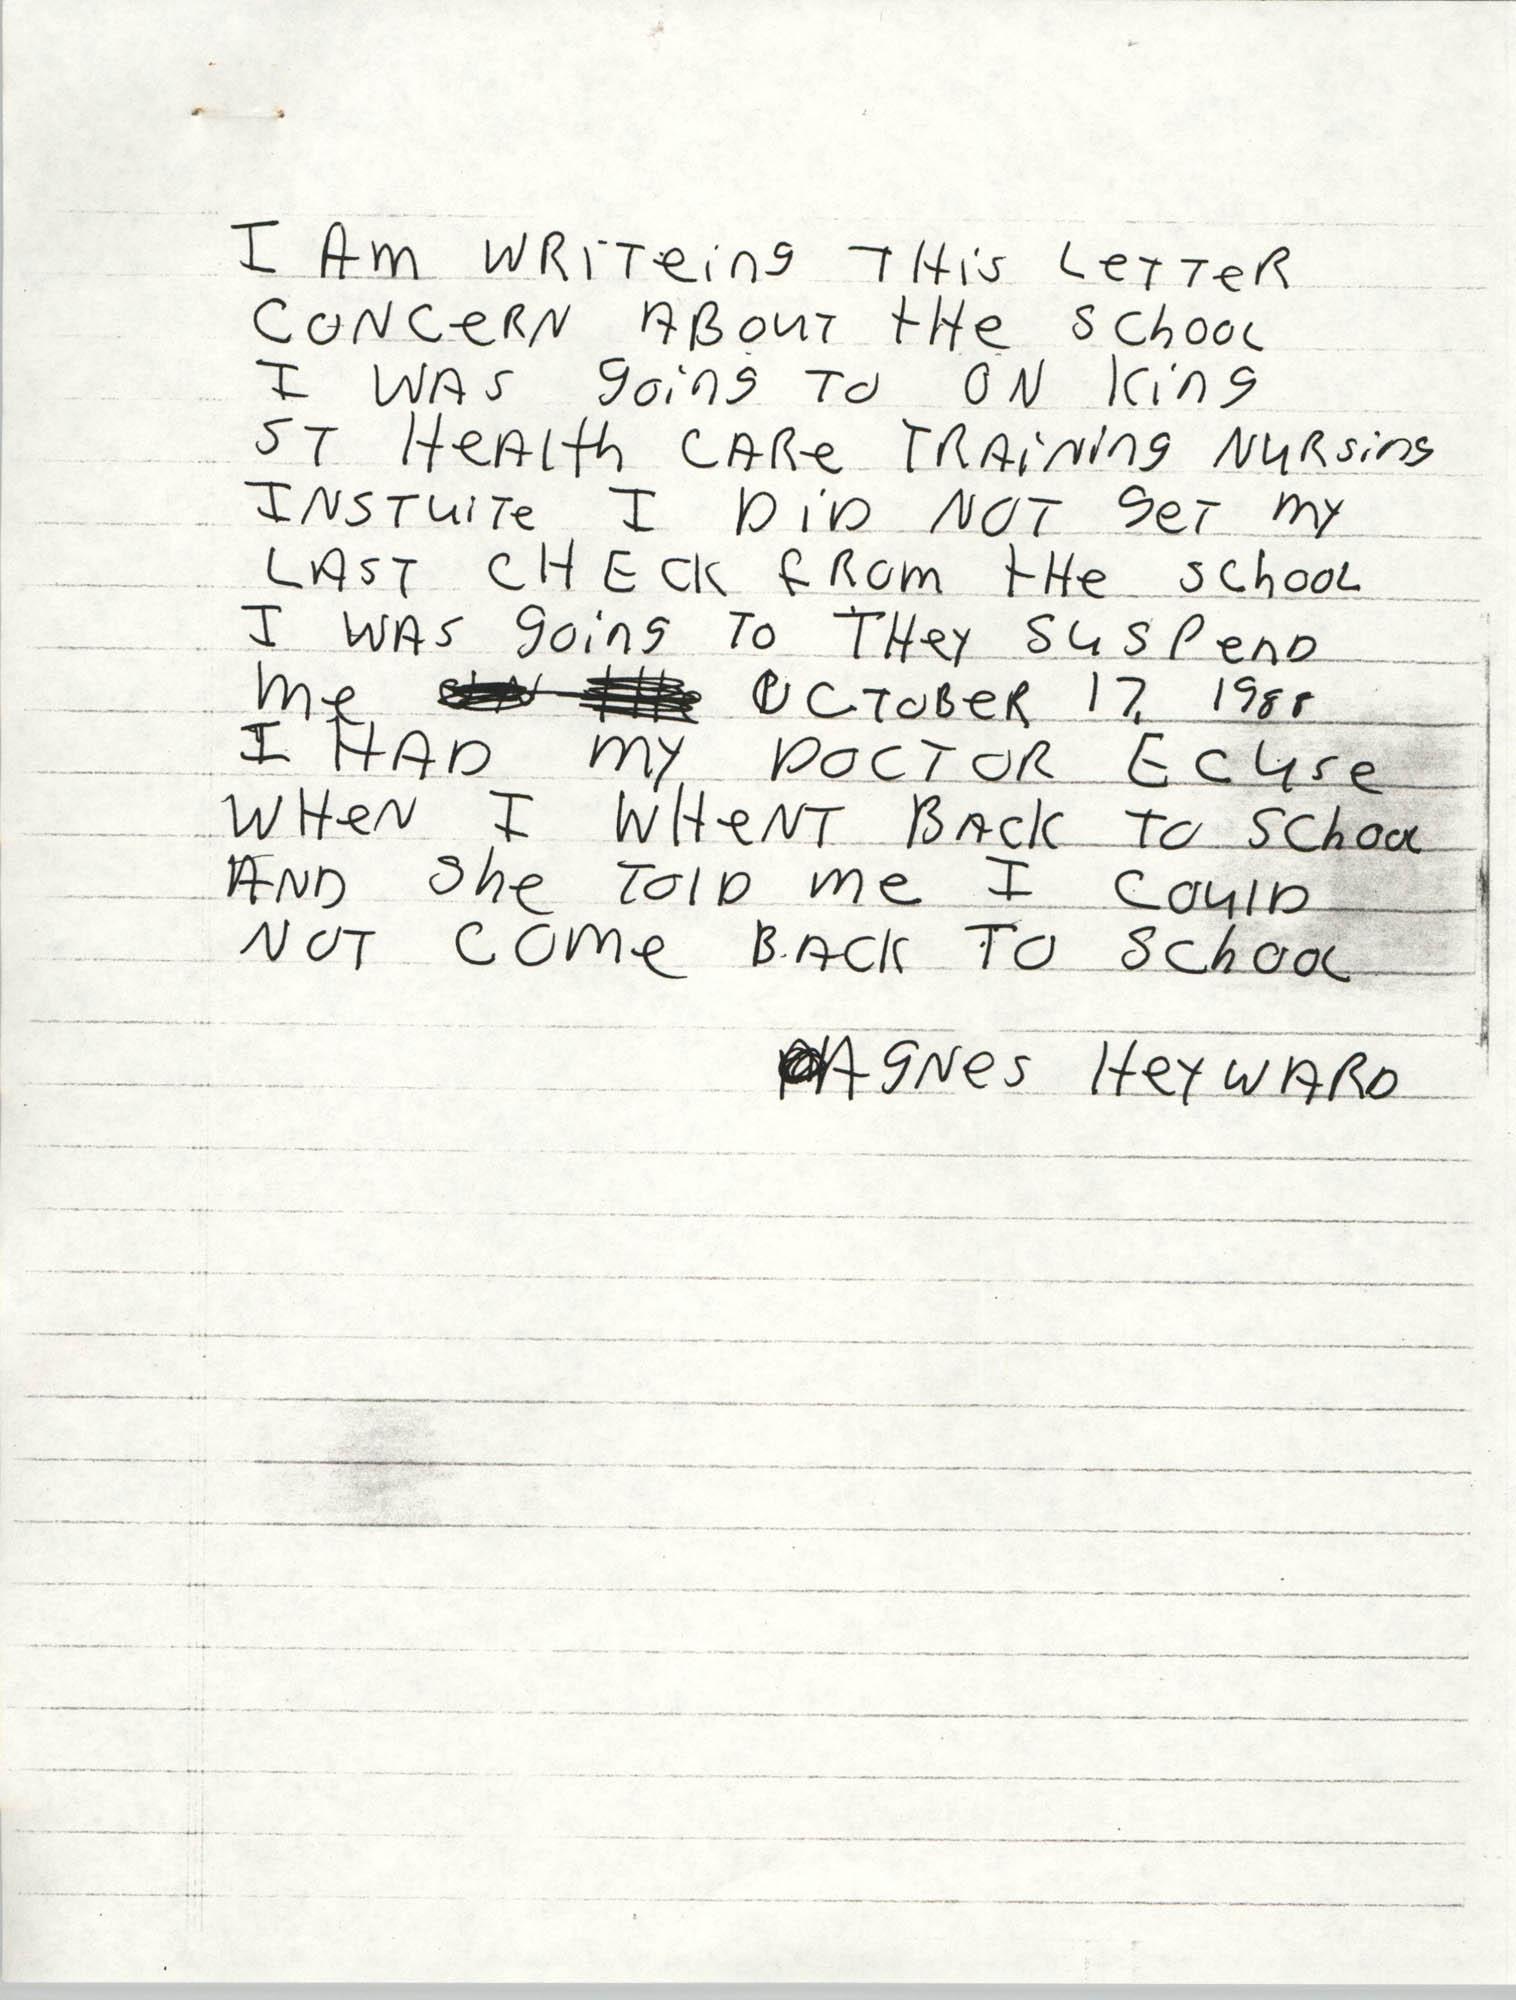 Handwritten letter by Agnes Heyward